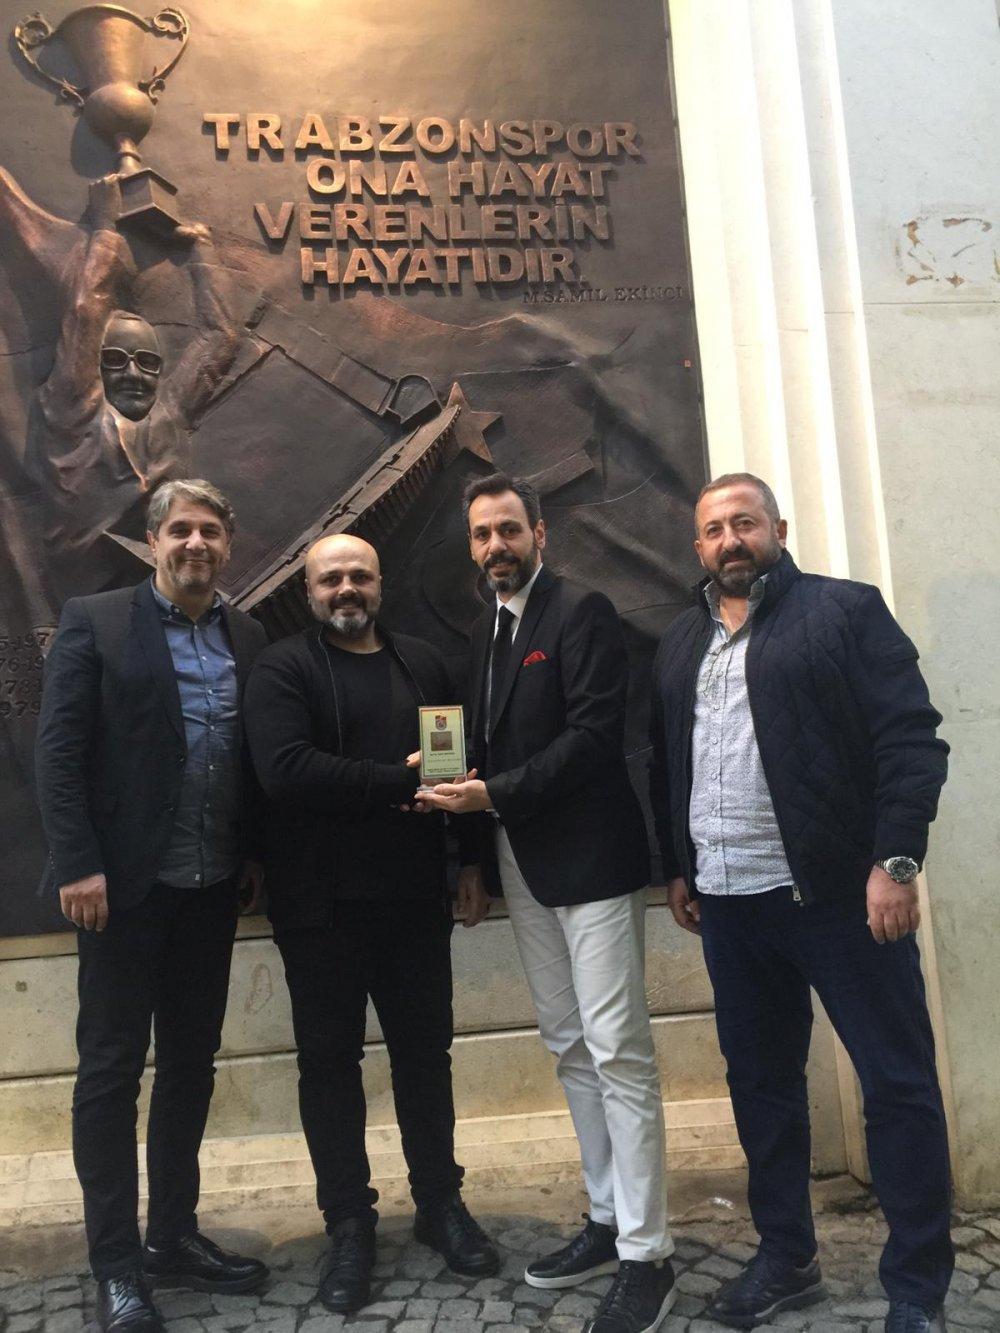 Trabzonspor müzesini sanat eserine dönüştürdü